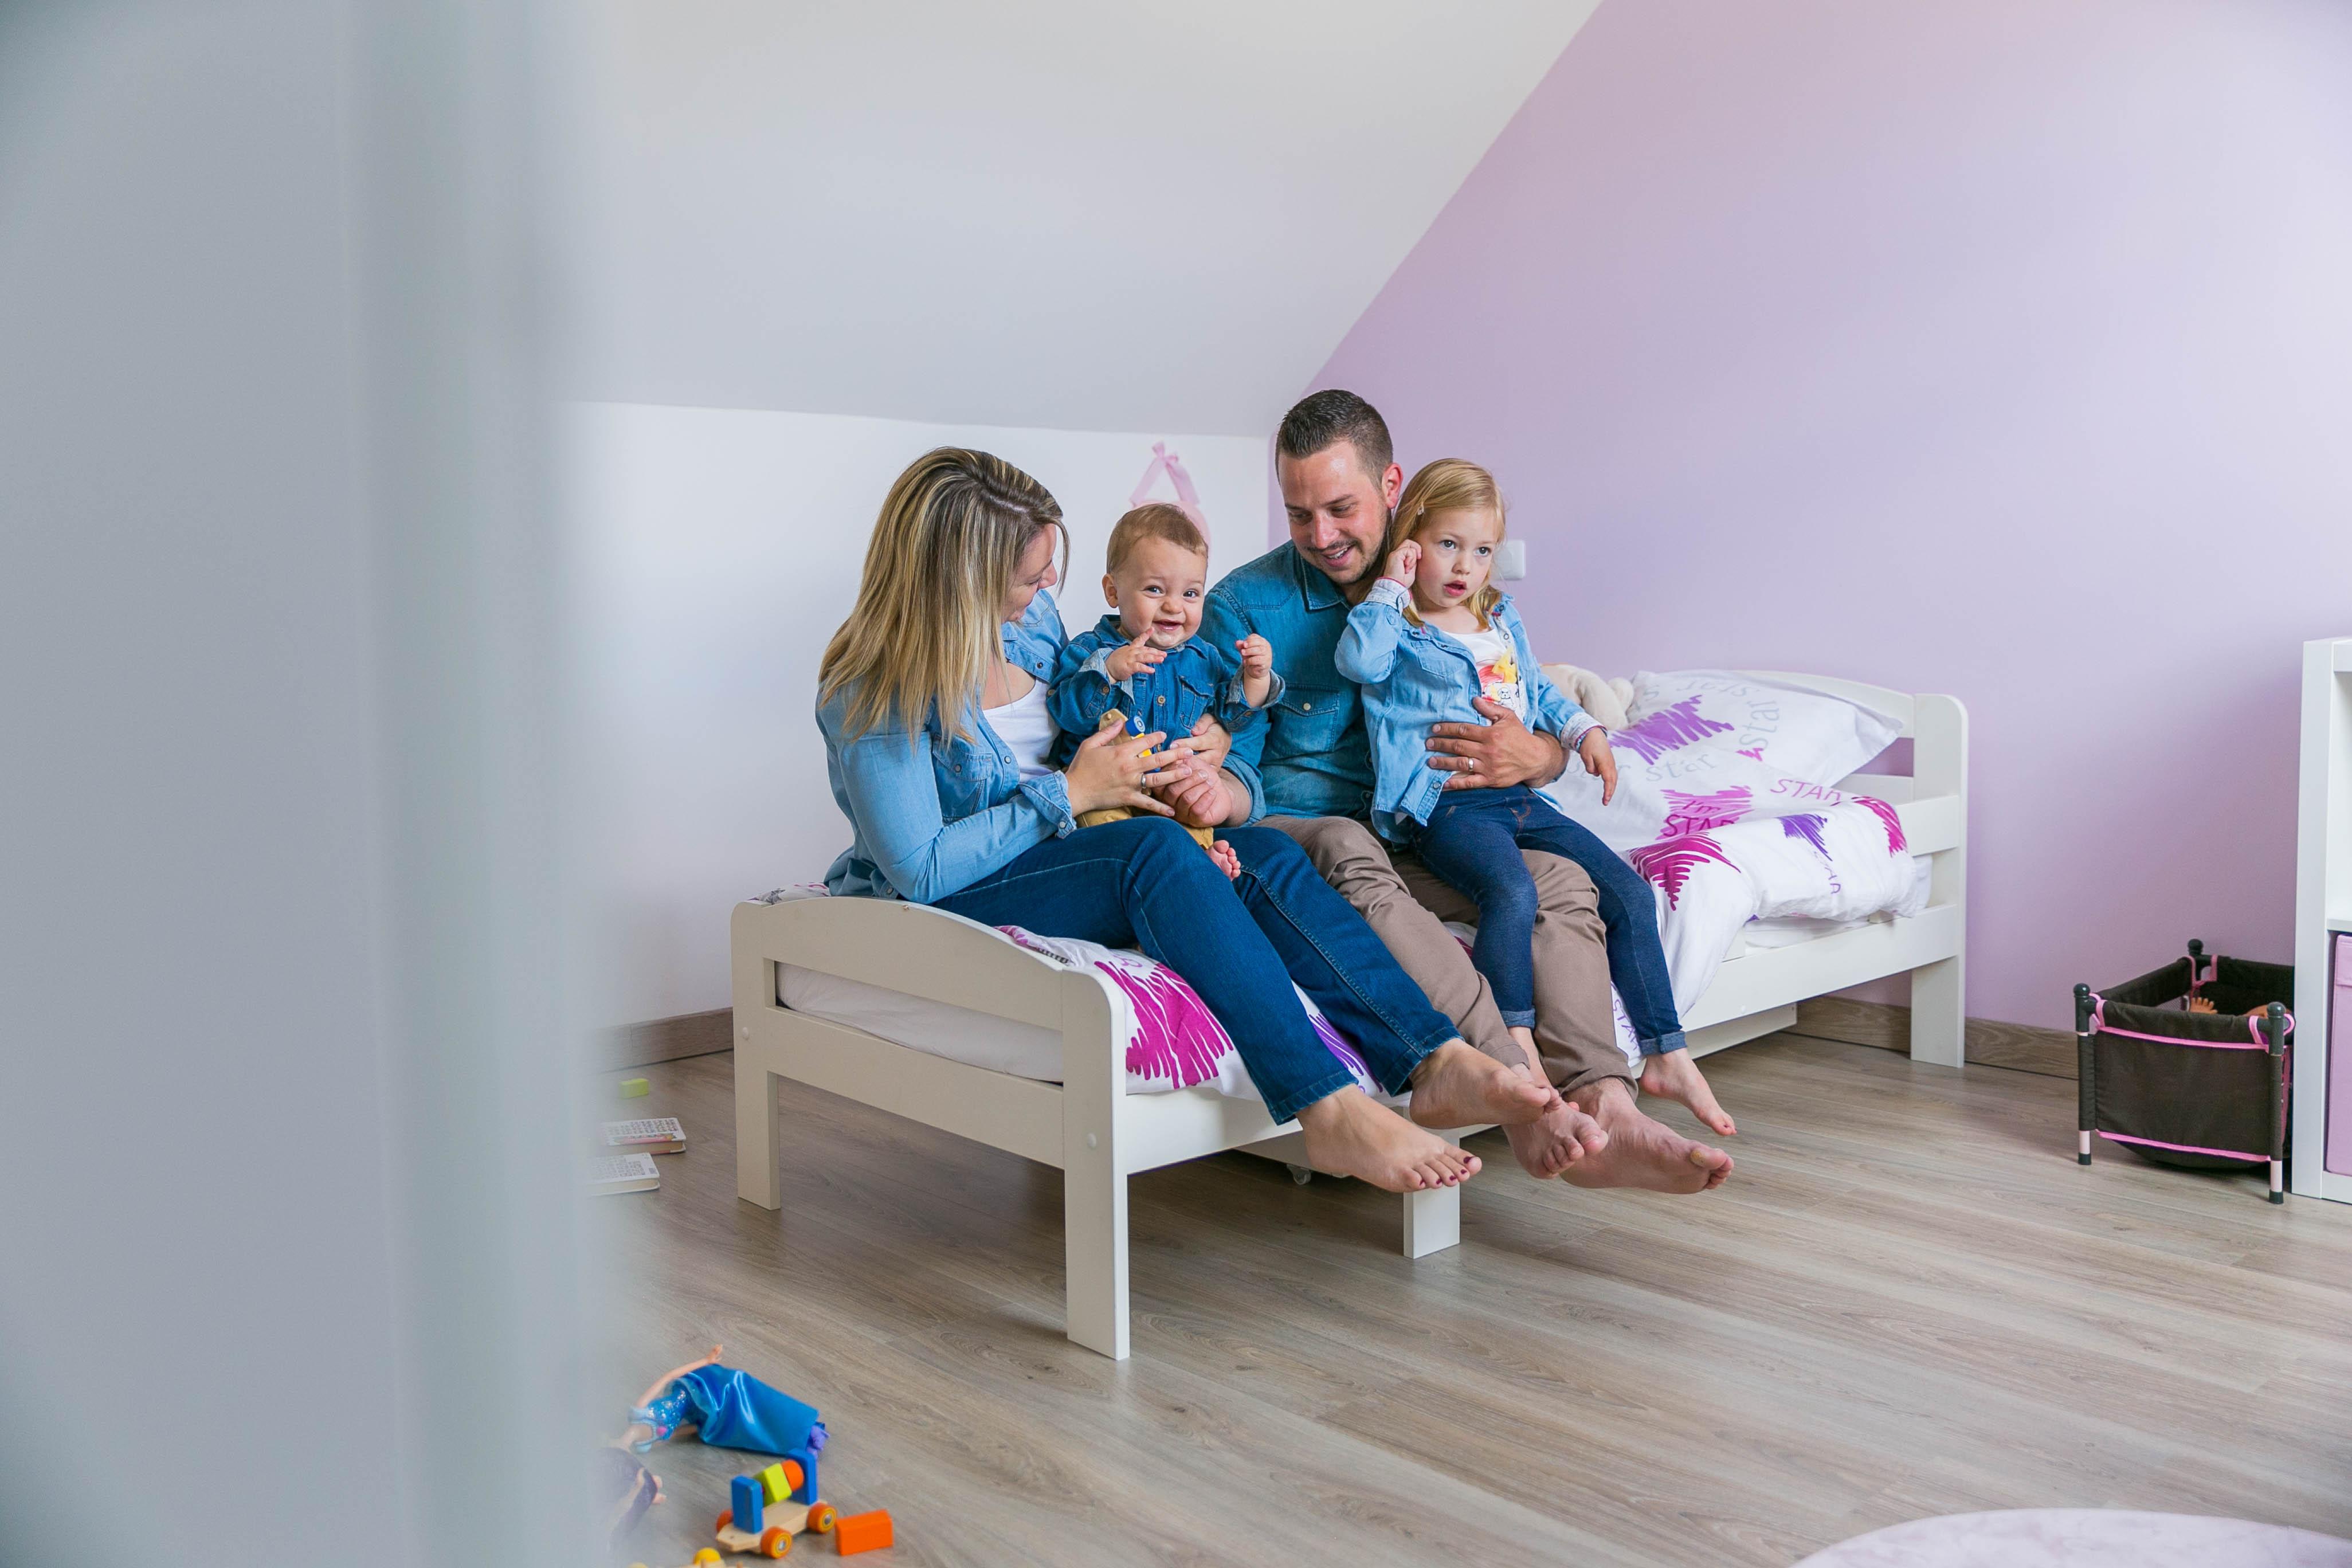 Séance-photo-famille-lifestyle-en-intérieur